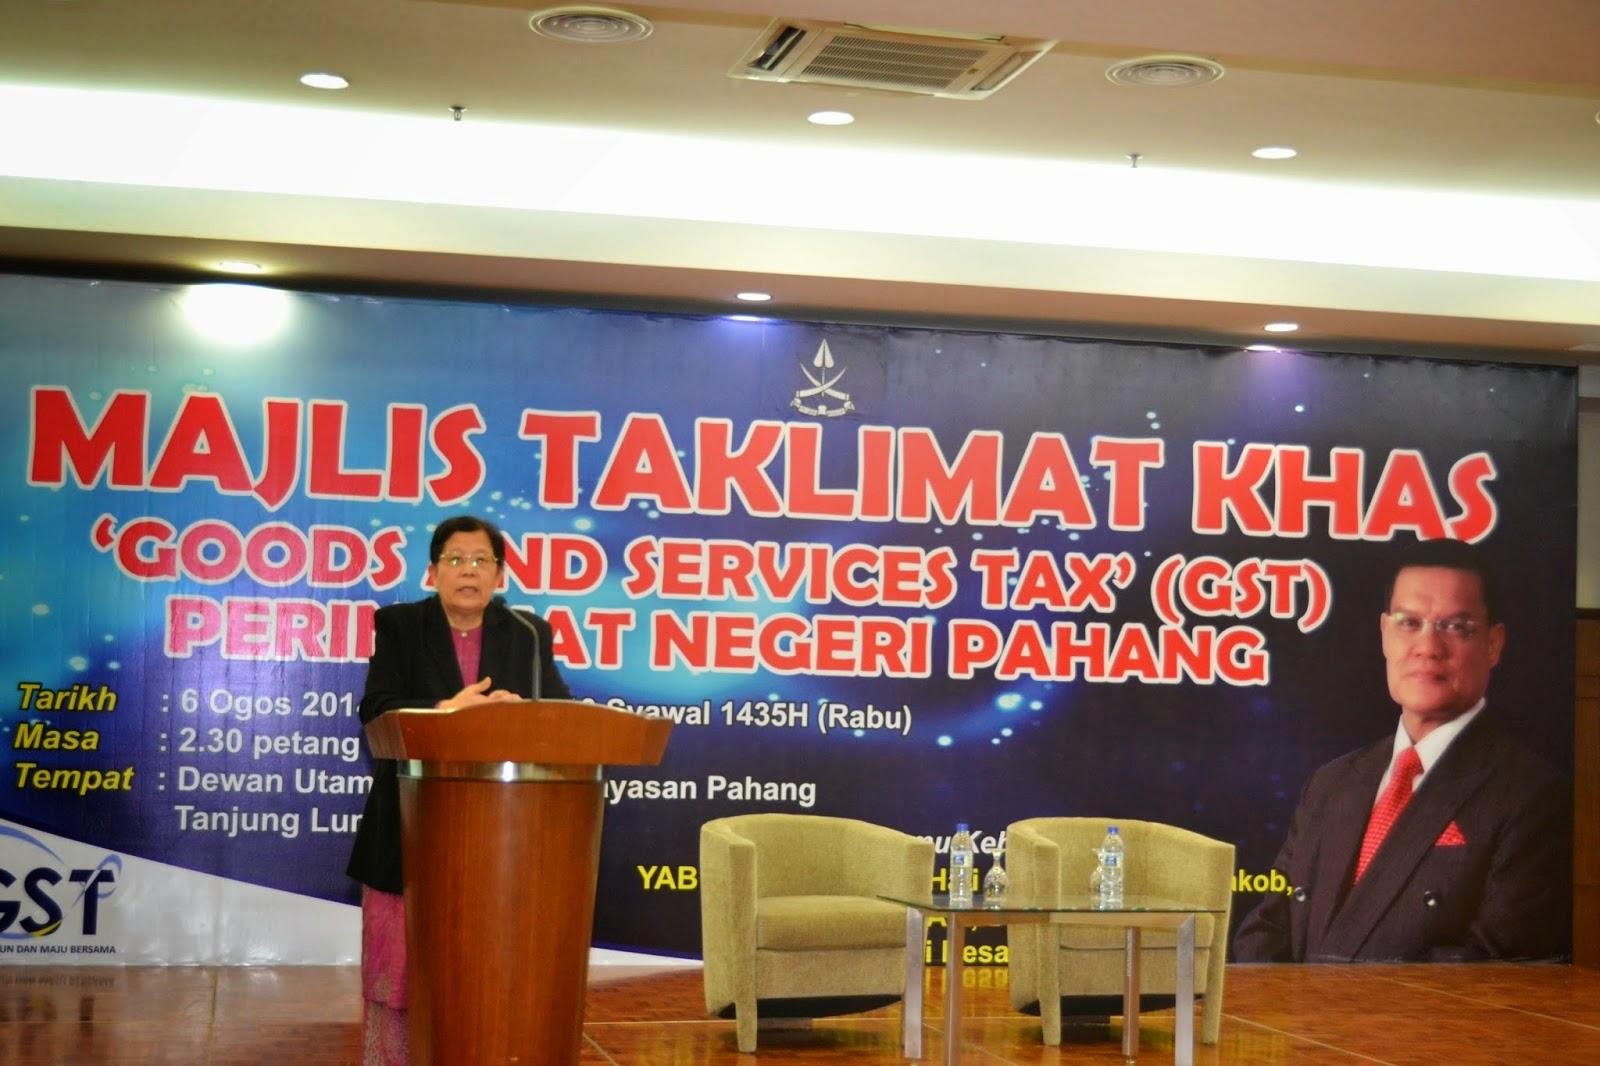 Pahang Kutip Cukai Sebanyak RM556juta 7 Bulan Pertama